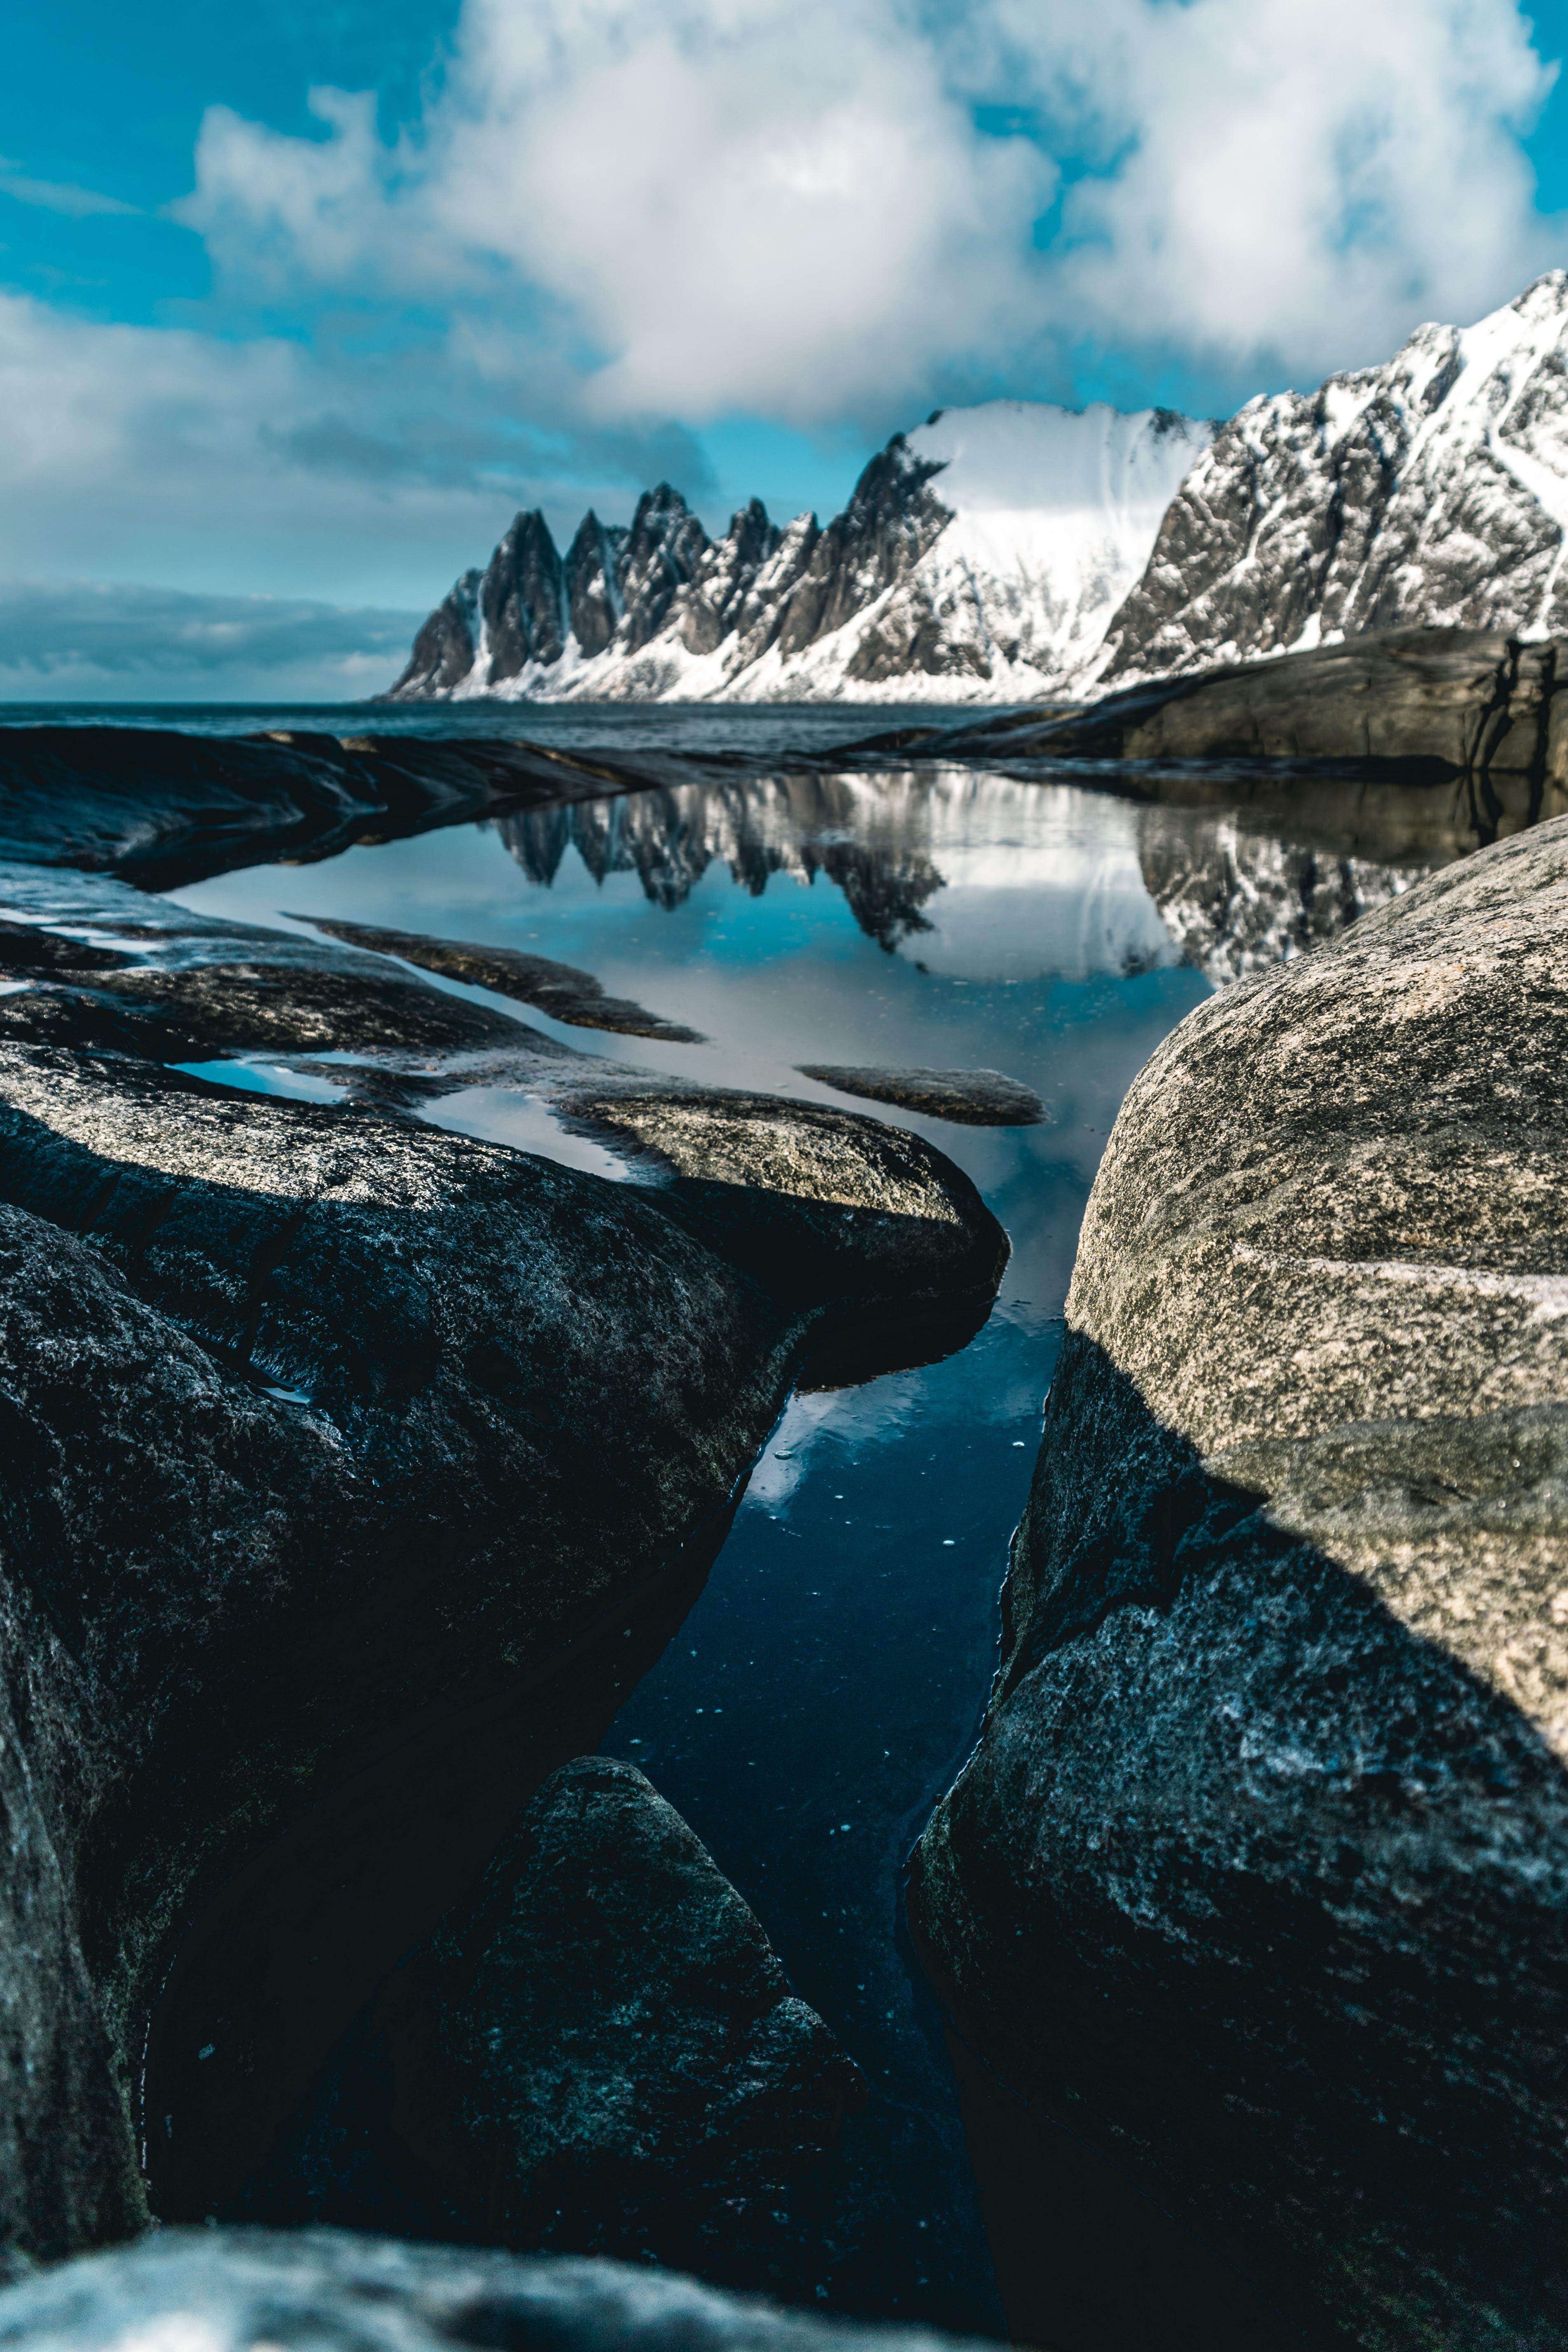 Gratis stockfoto met altitude, bergen, bergketen, bergtop